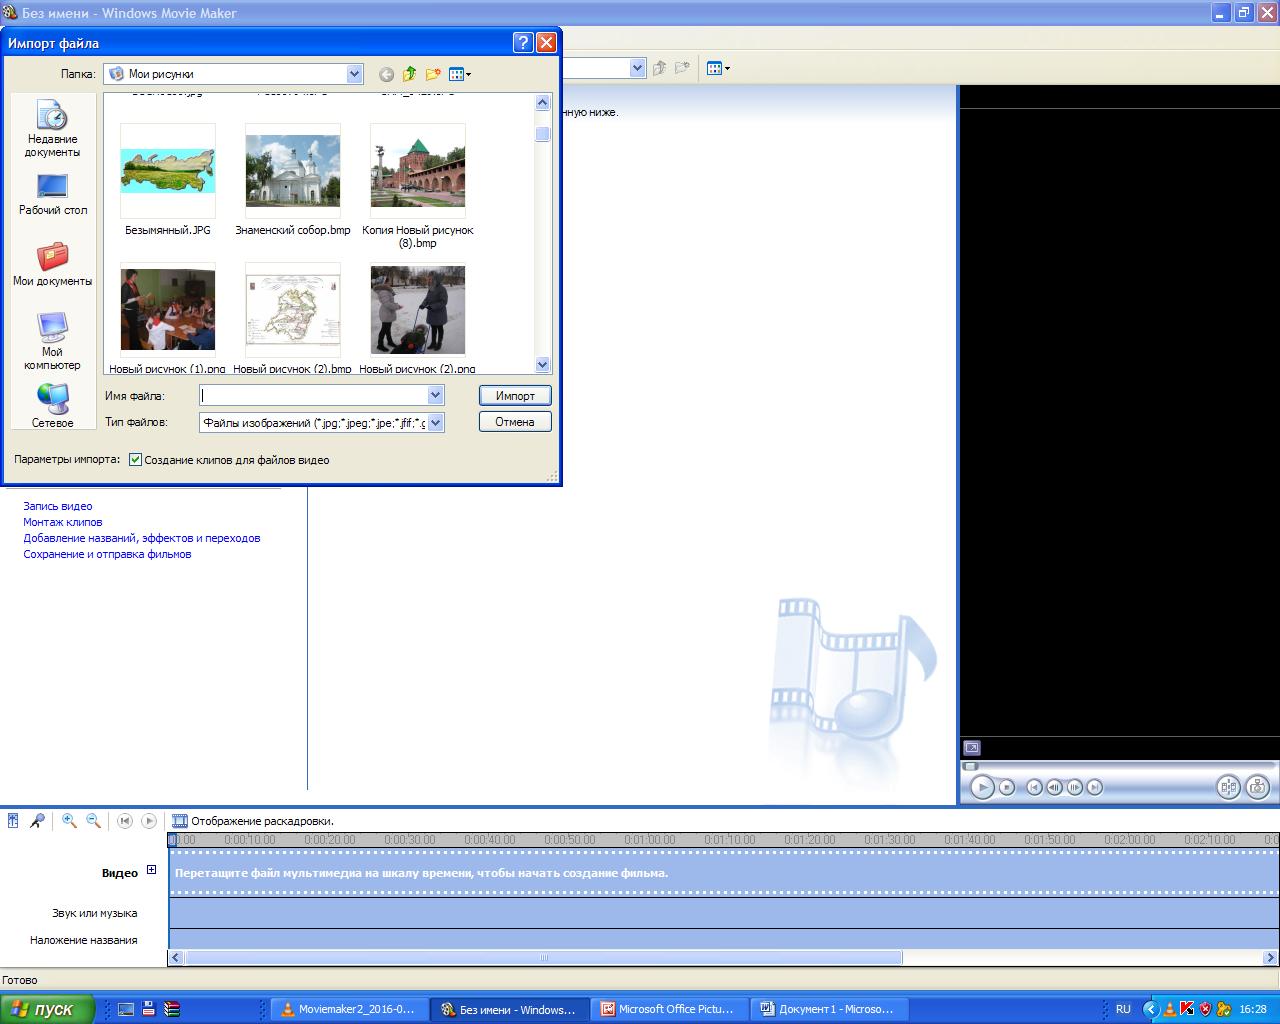 Как вставить текст в видео посредством Windows Movie Maker 19